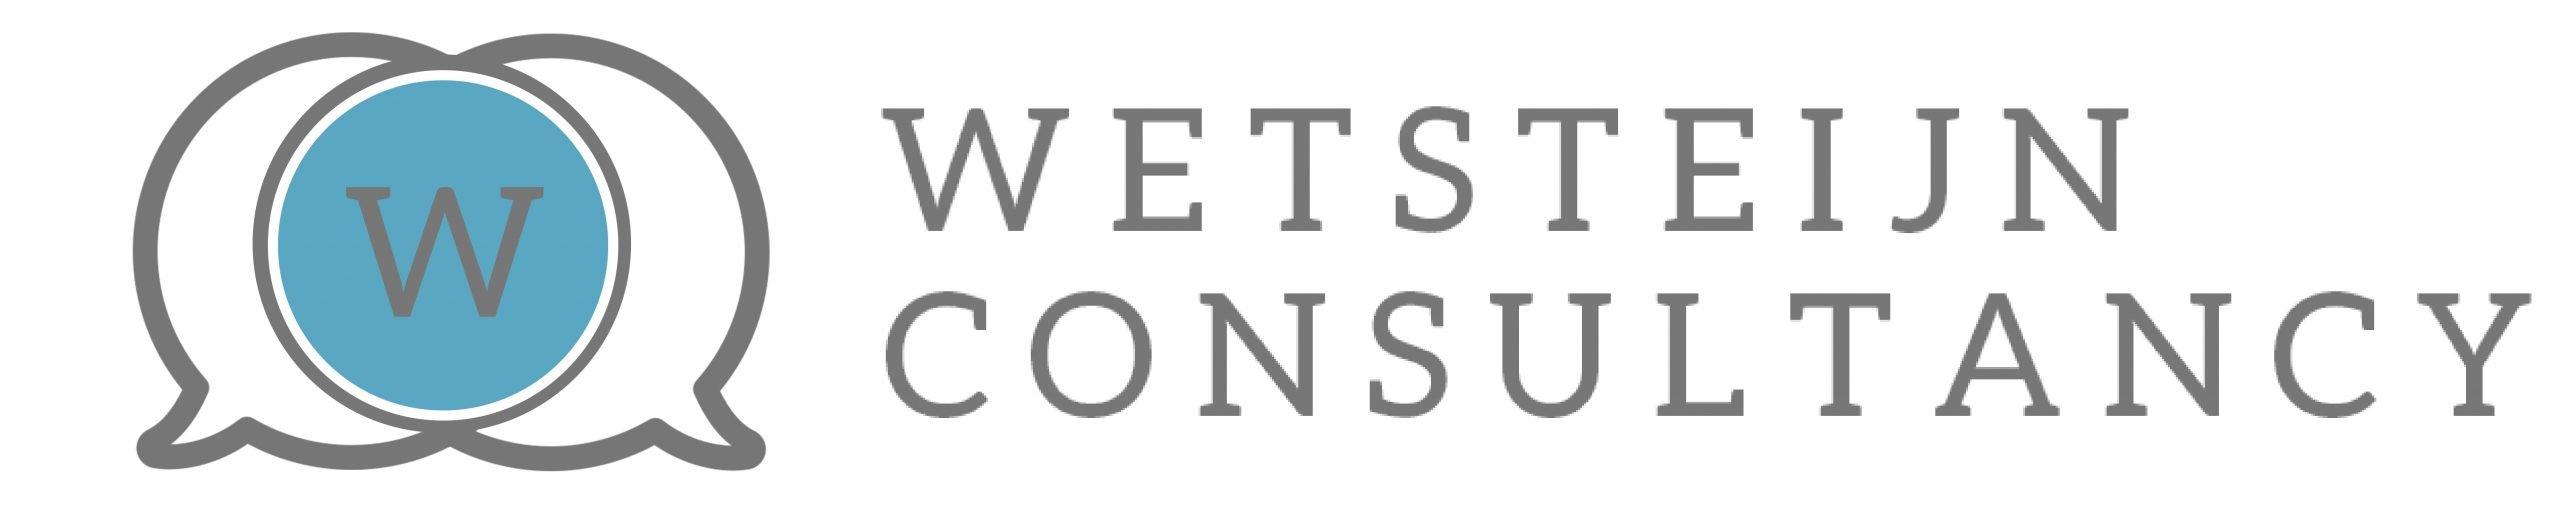 Wetsteijn Consultancy